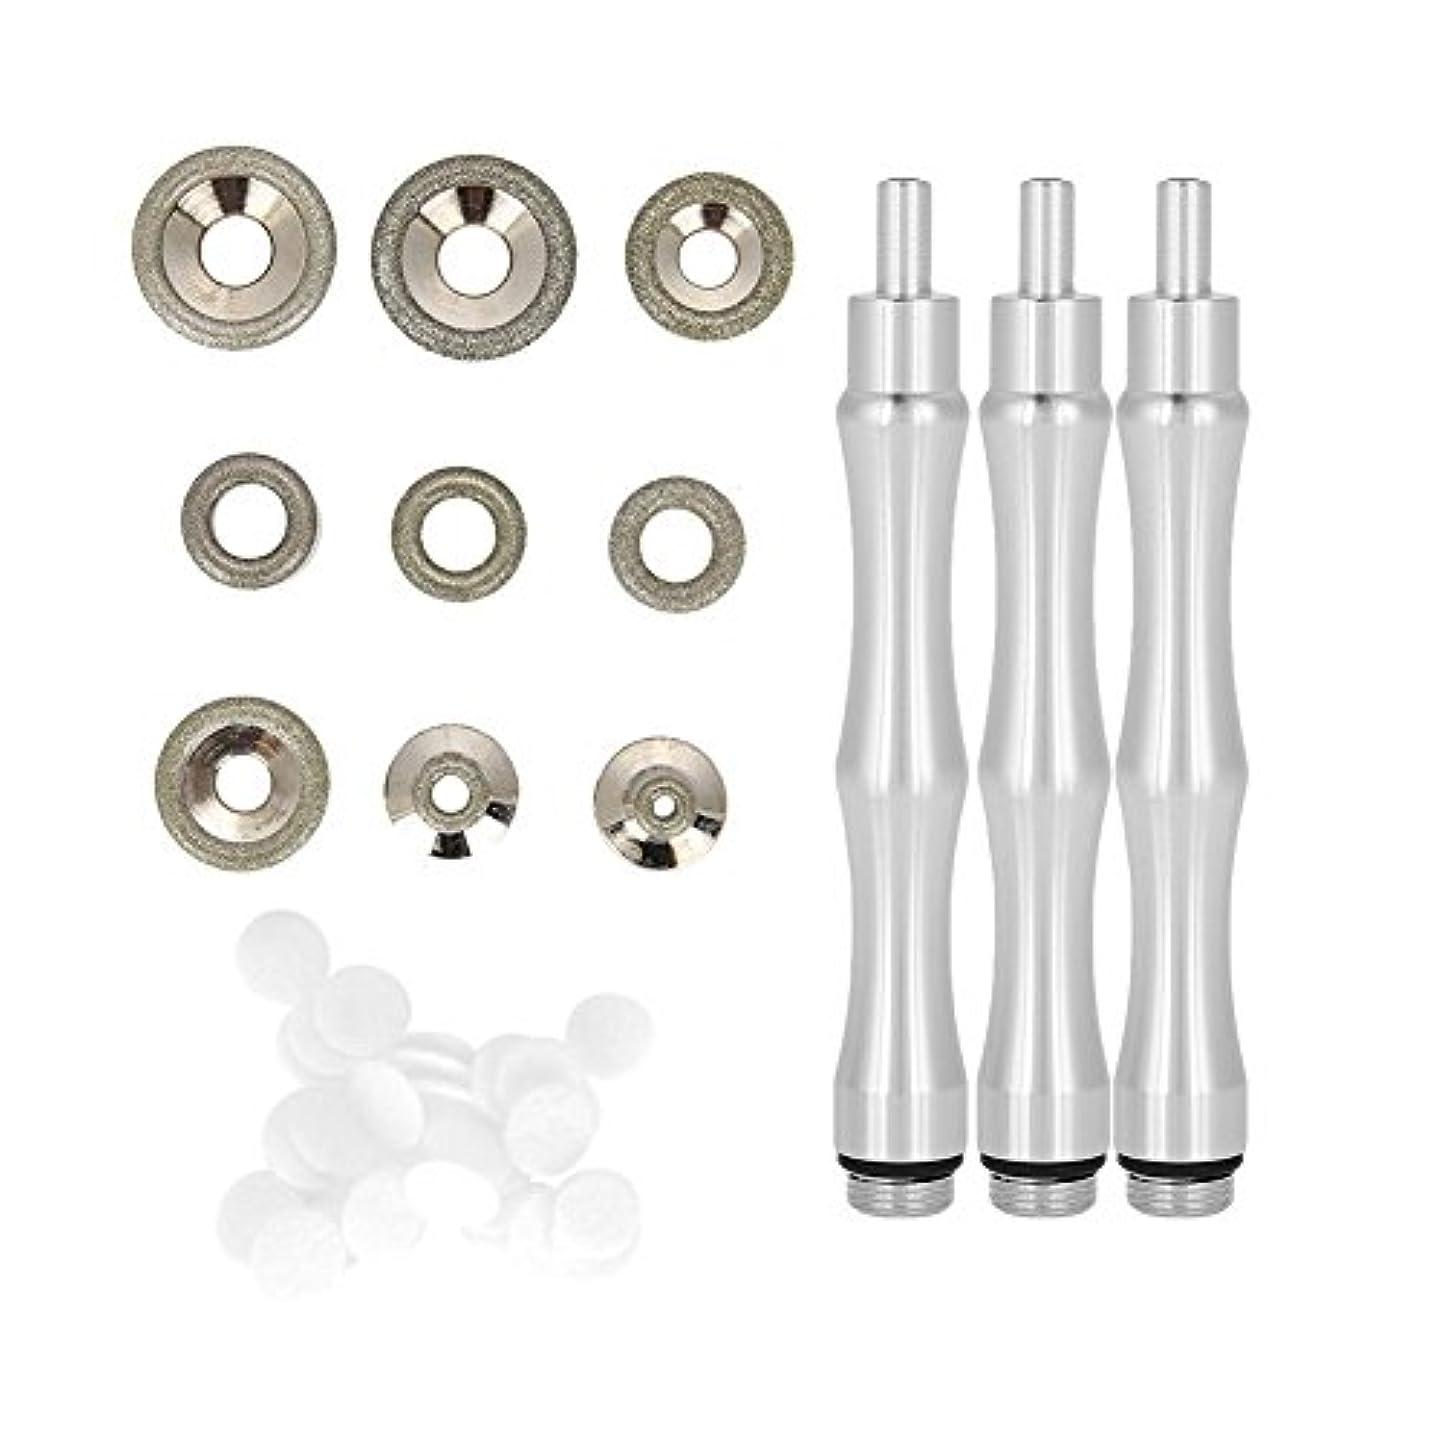 認識ブラジャー追い越すダイヤモンドマイクロダーマブレーションヒント 、交換用、ハンドル付き、ステンレススチール製フィルターセット